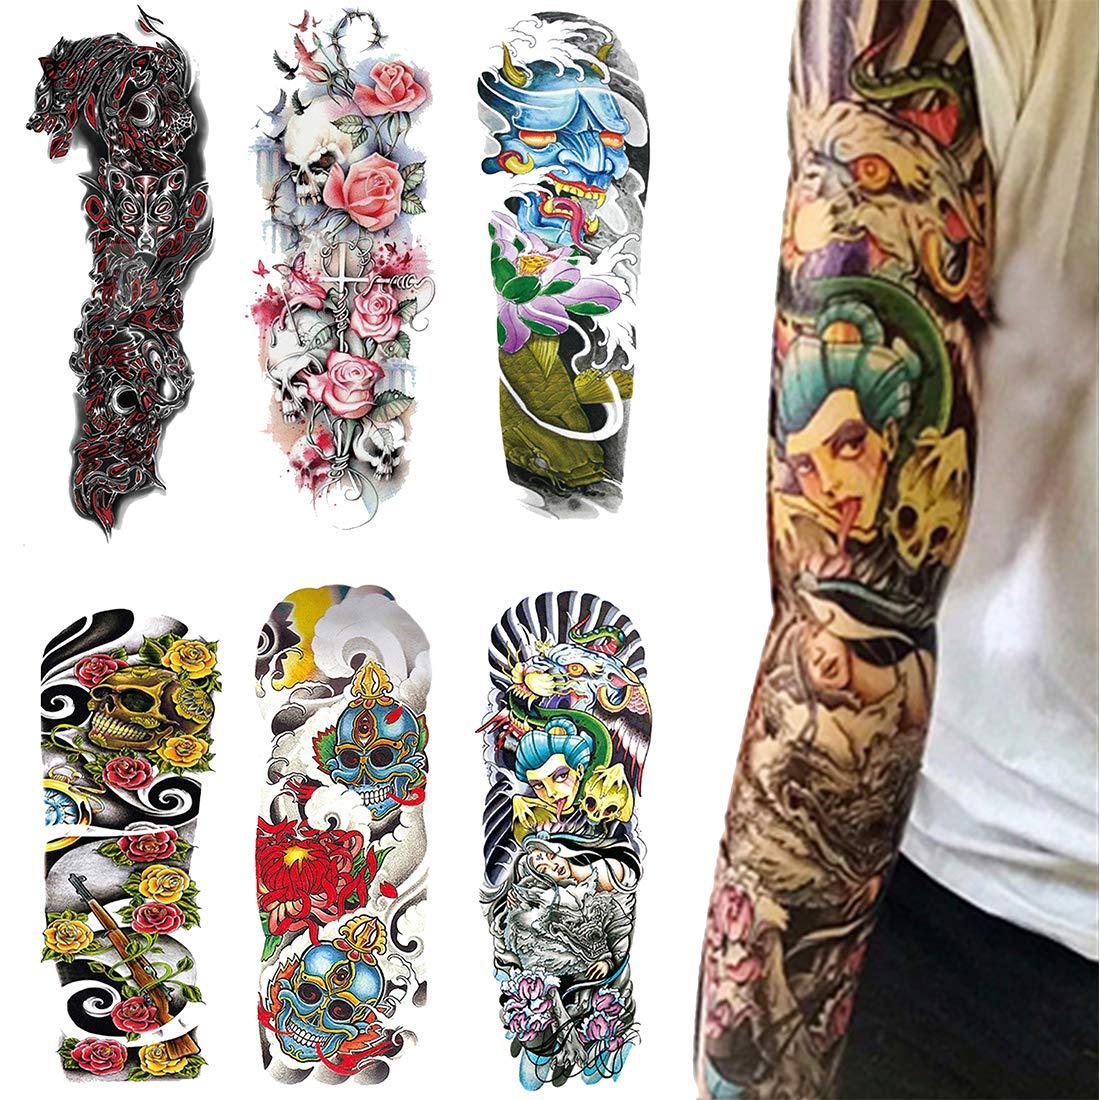 Tatouage Temporaire Pour Homme et Femme, Tattoo Sticker Noir Body Bras Tatouages éphémères, D'autocollants De L'Art Du Corps De Mode (1) Acoser